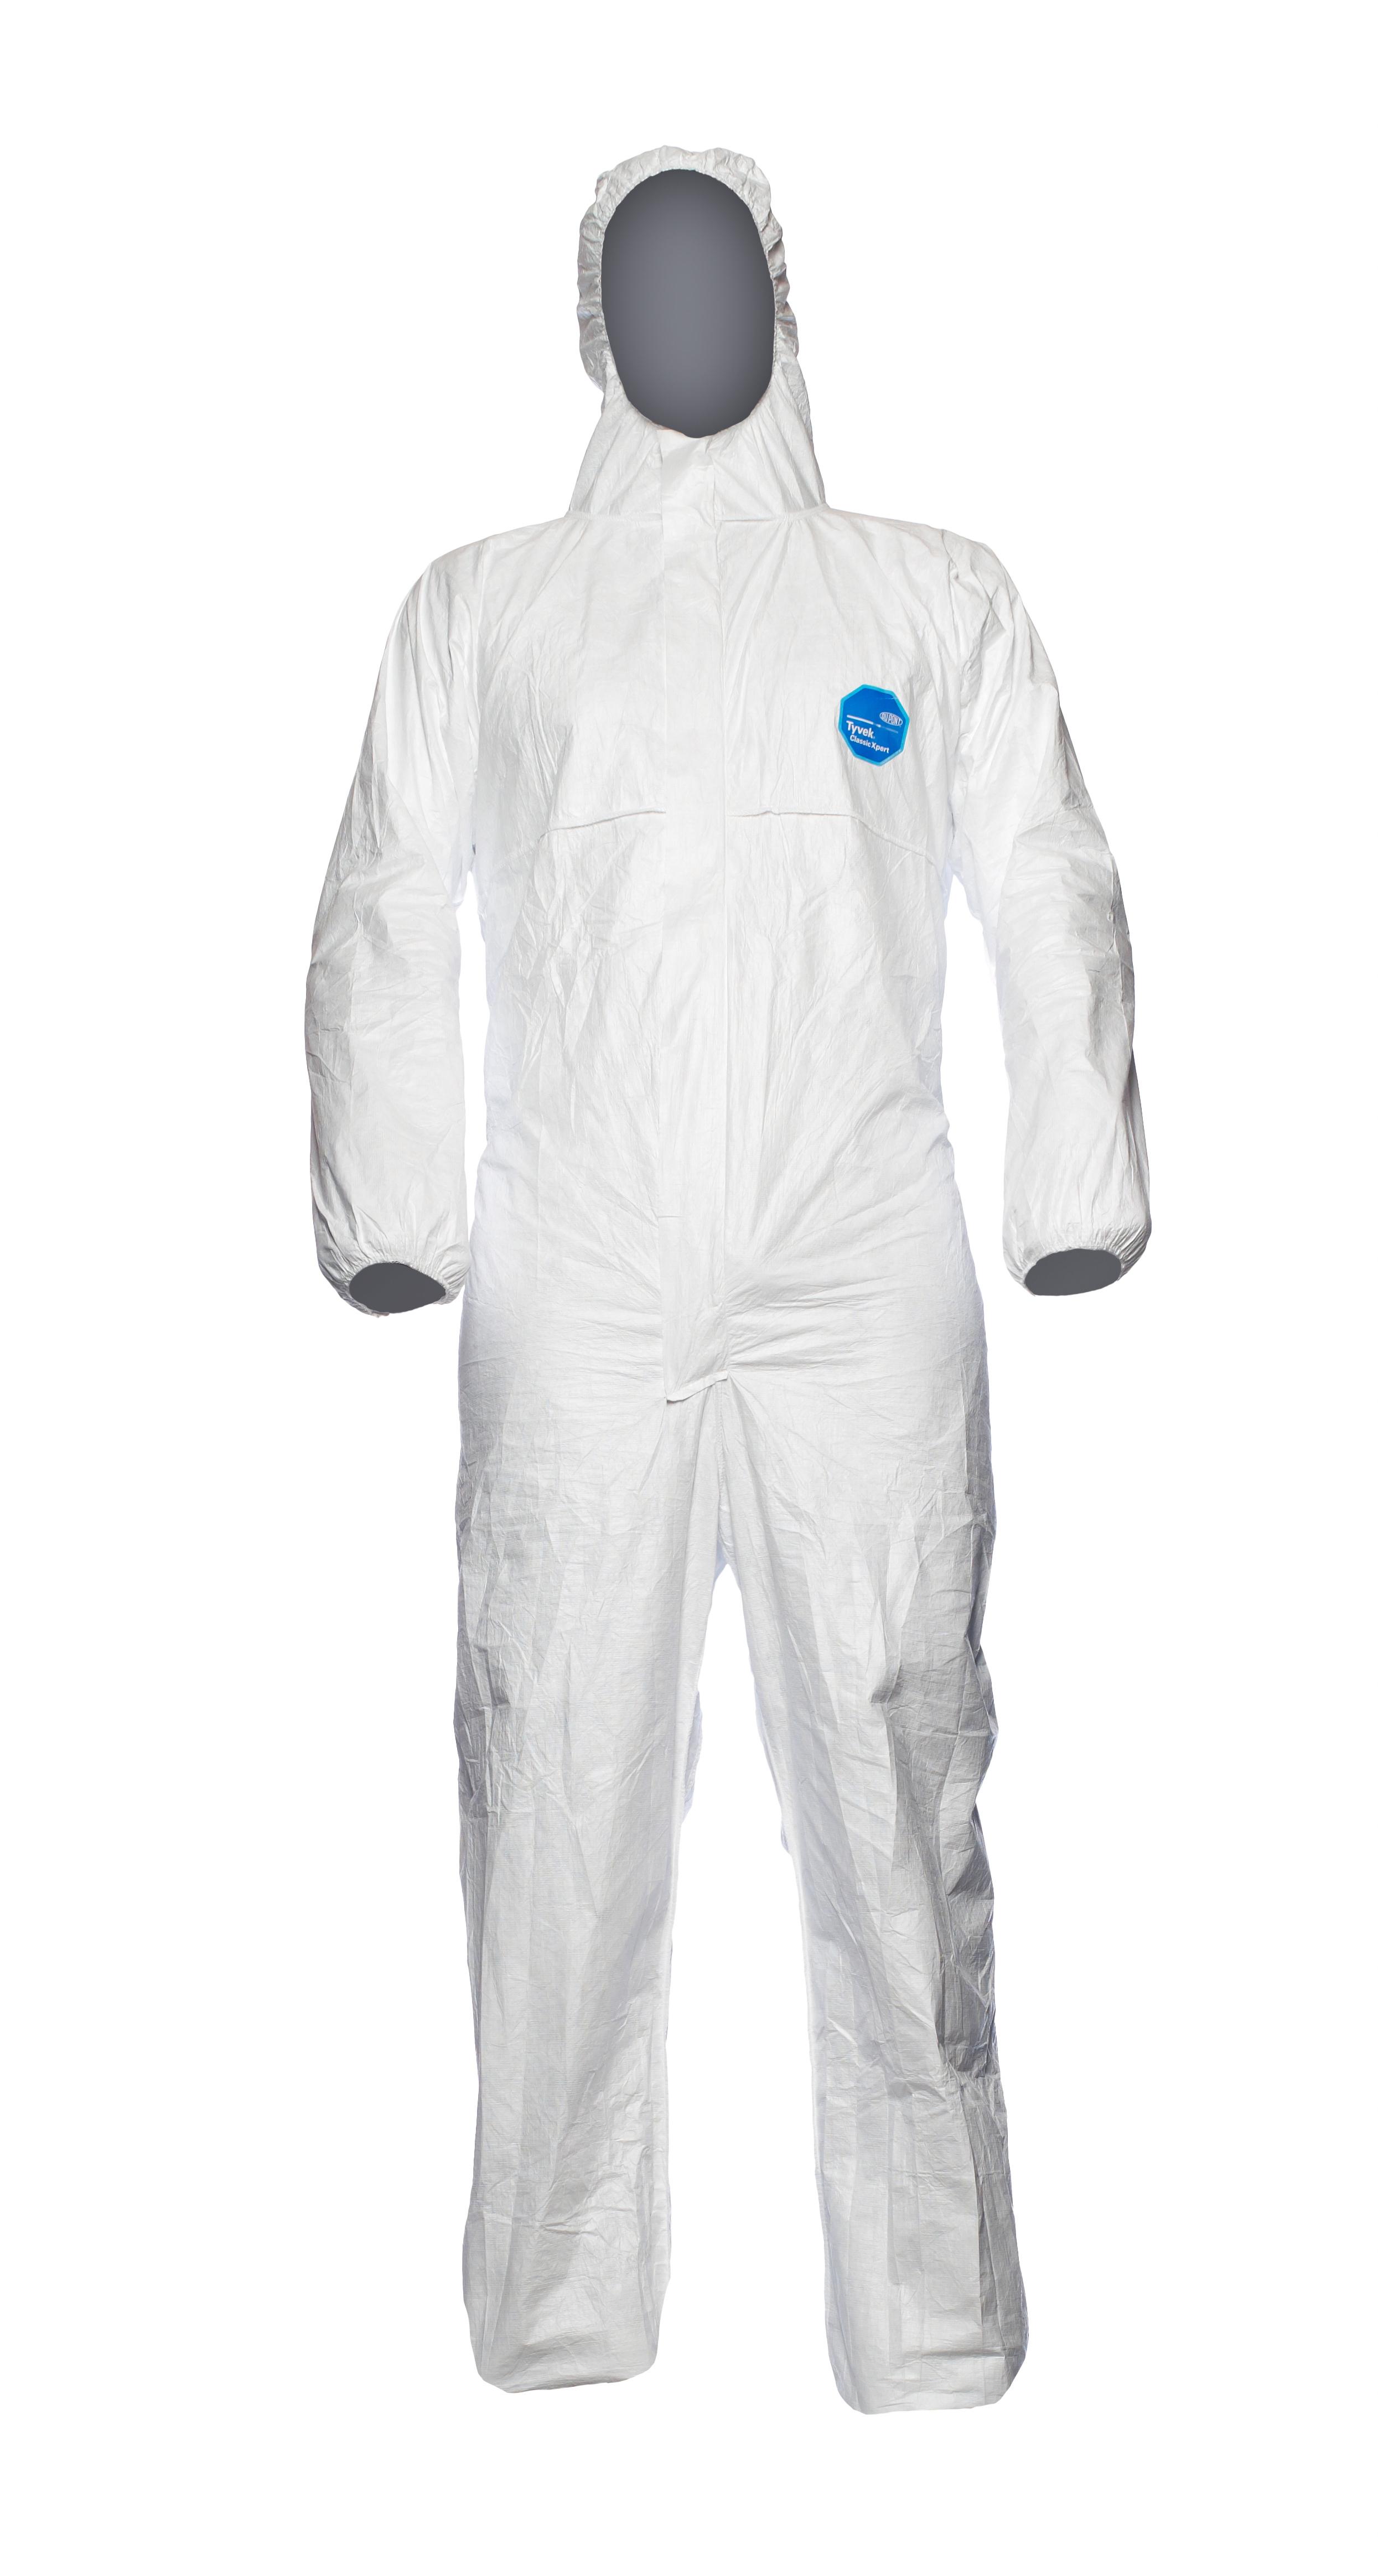 88a111256ec909 Chemie-Schutz-Overall weiß - AS Arbeitsschutz